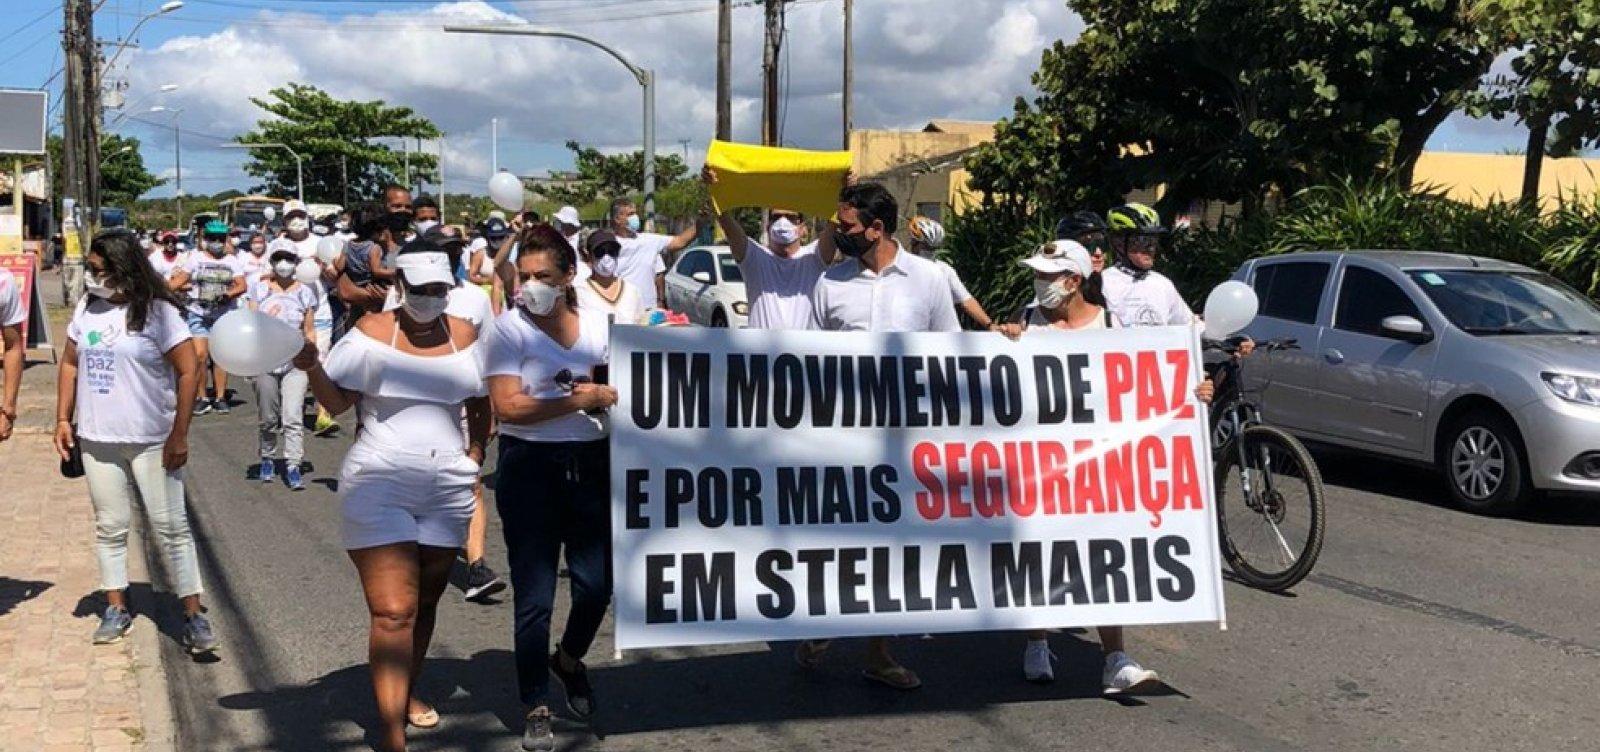 Moradores de Stella Maris reclamam de violência e pedem reforço polícial